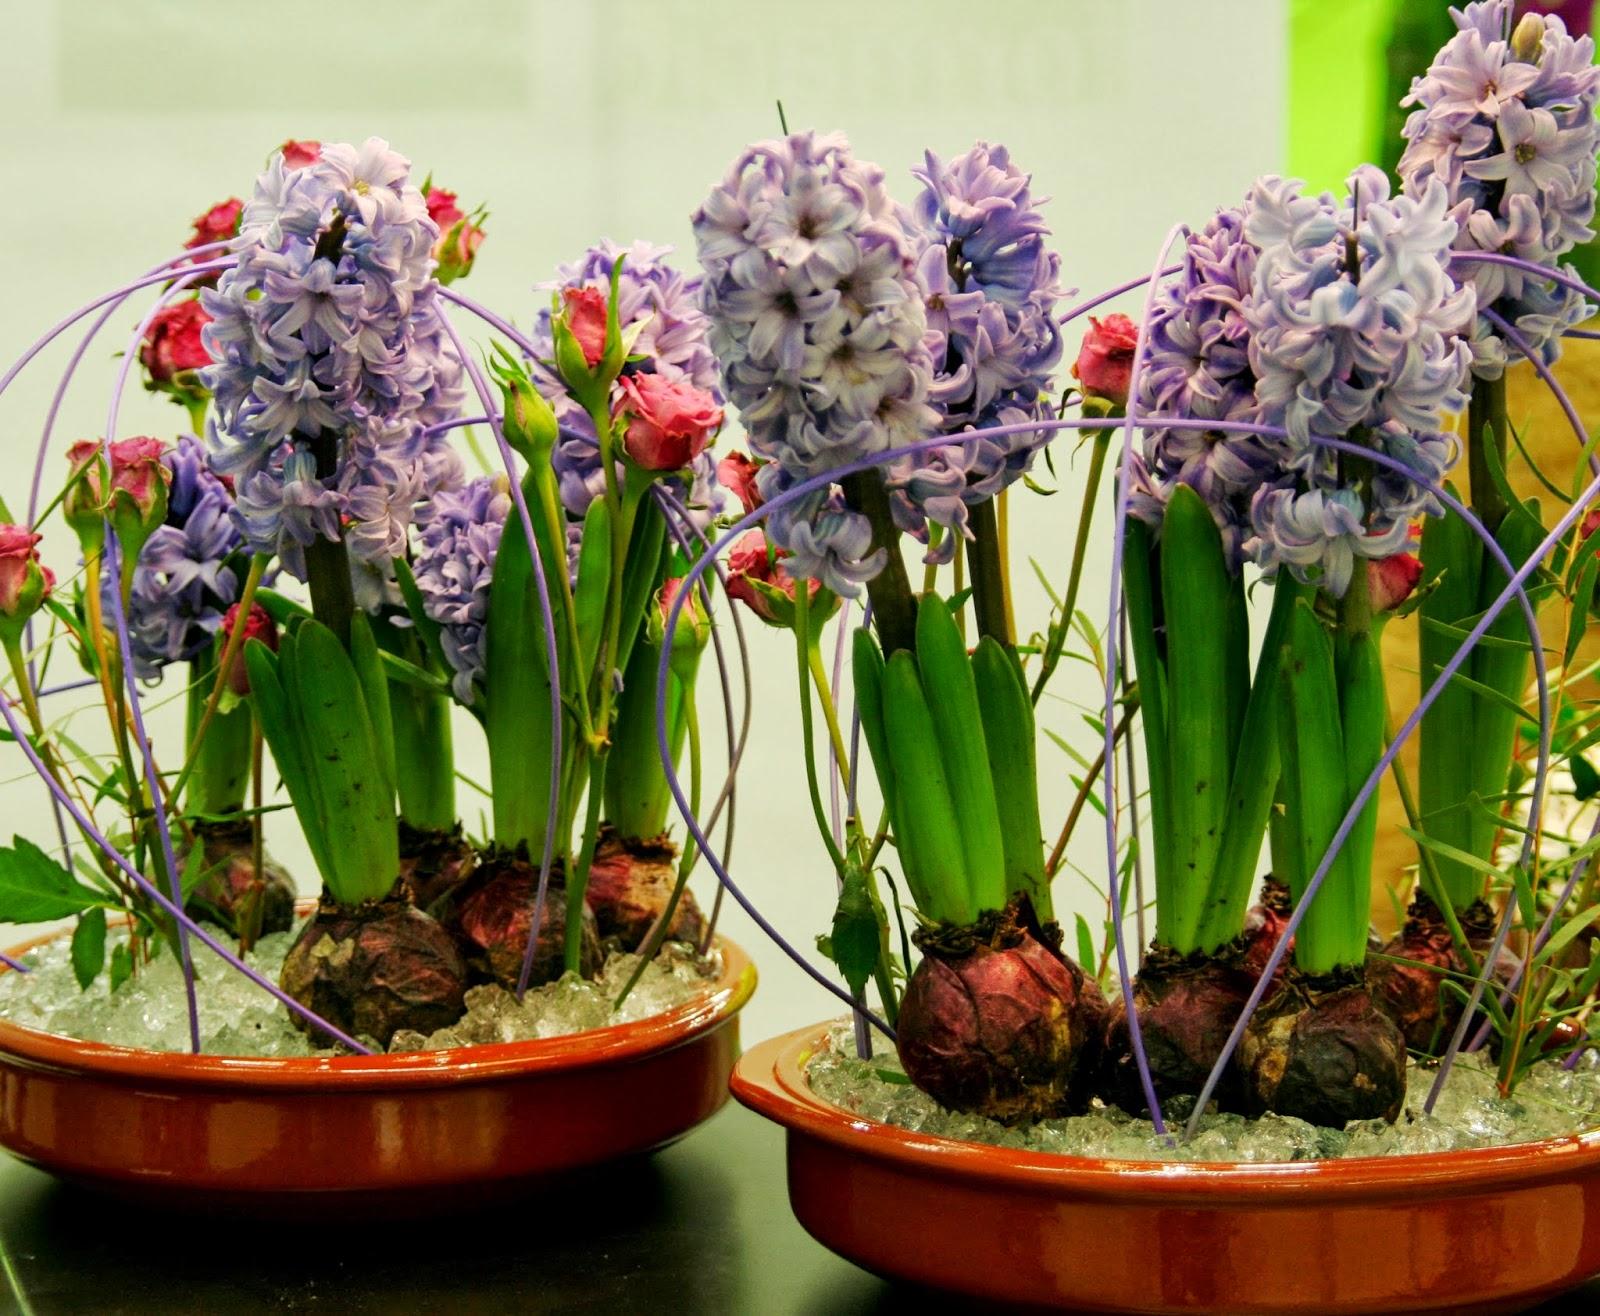 Peces y plantas ornamentales hyacinthus spp jacinto for Plantas decorativas ornamentales